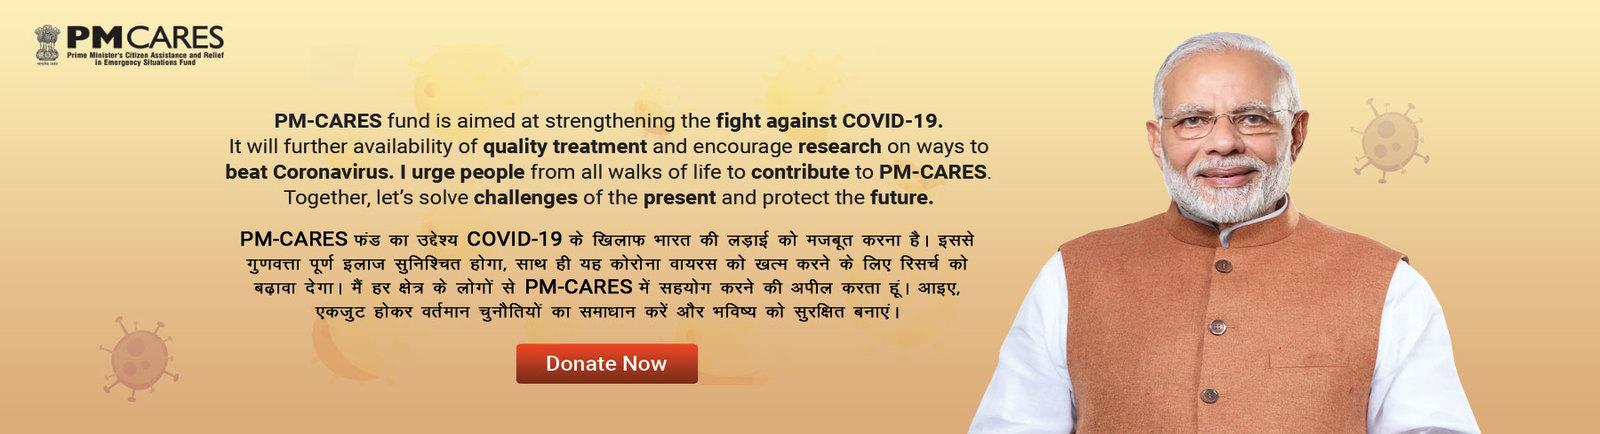 COVID-19 pmcare-pmindia